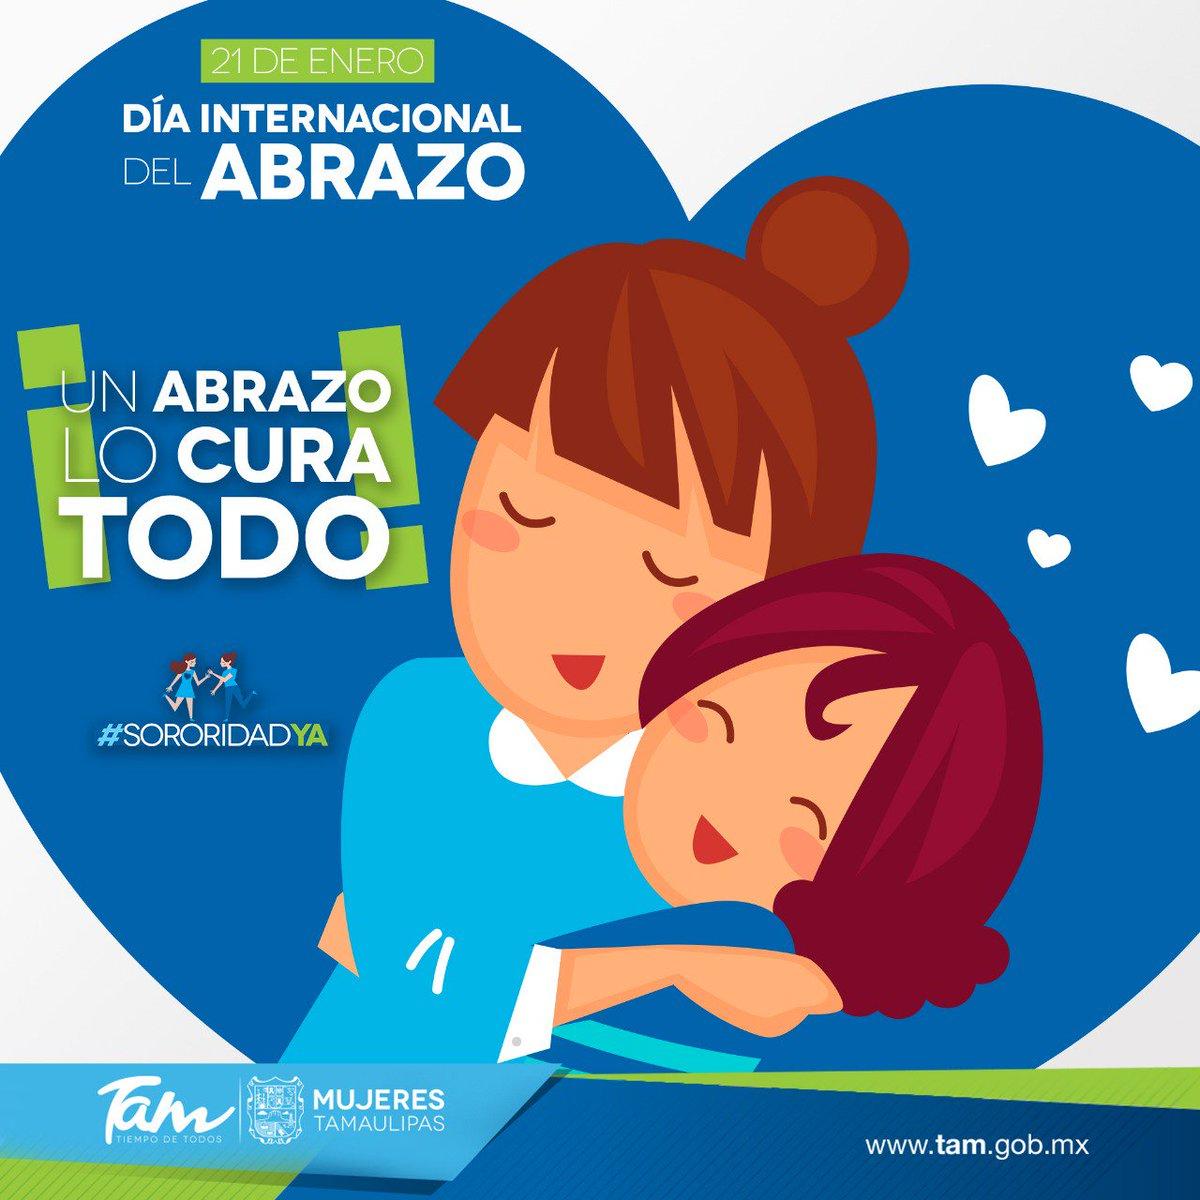 ¡Hoy es #DíaInternacionalDelAbrazo! 🤗 Cuando abrazamos a alguien mostramos nuestra capacidad de transmitir la ternura y la alegría que hay en nosotros, además de la riqueza interior que poseemos. #SororidadYa #MujeresTam #GobTam #TiempoDeTodos